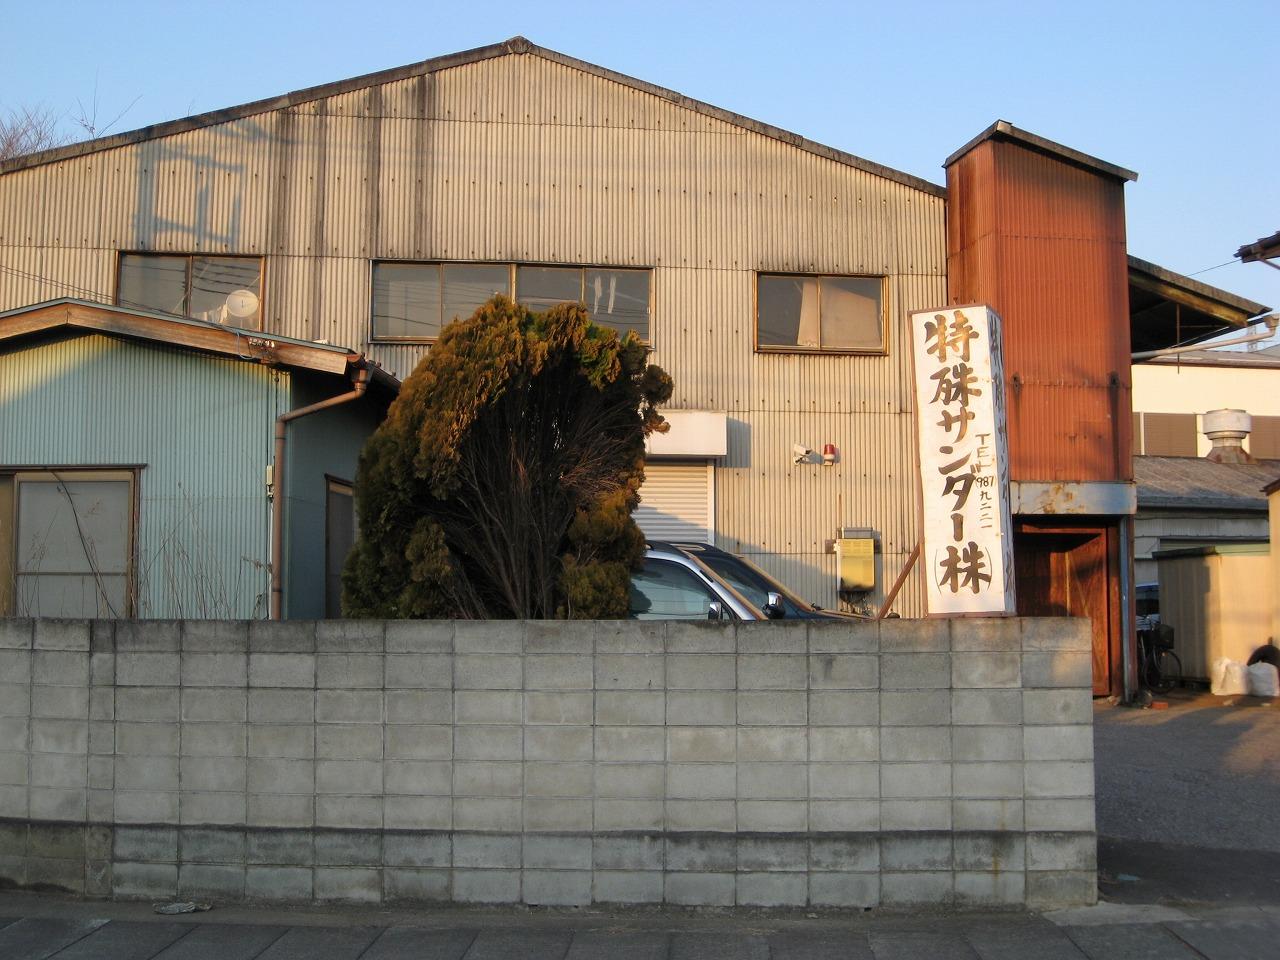 特殊サンダー 株式会社(埼玉県越谷市)製造業